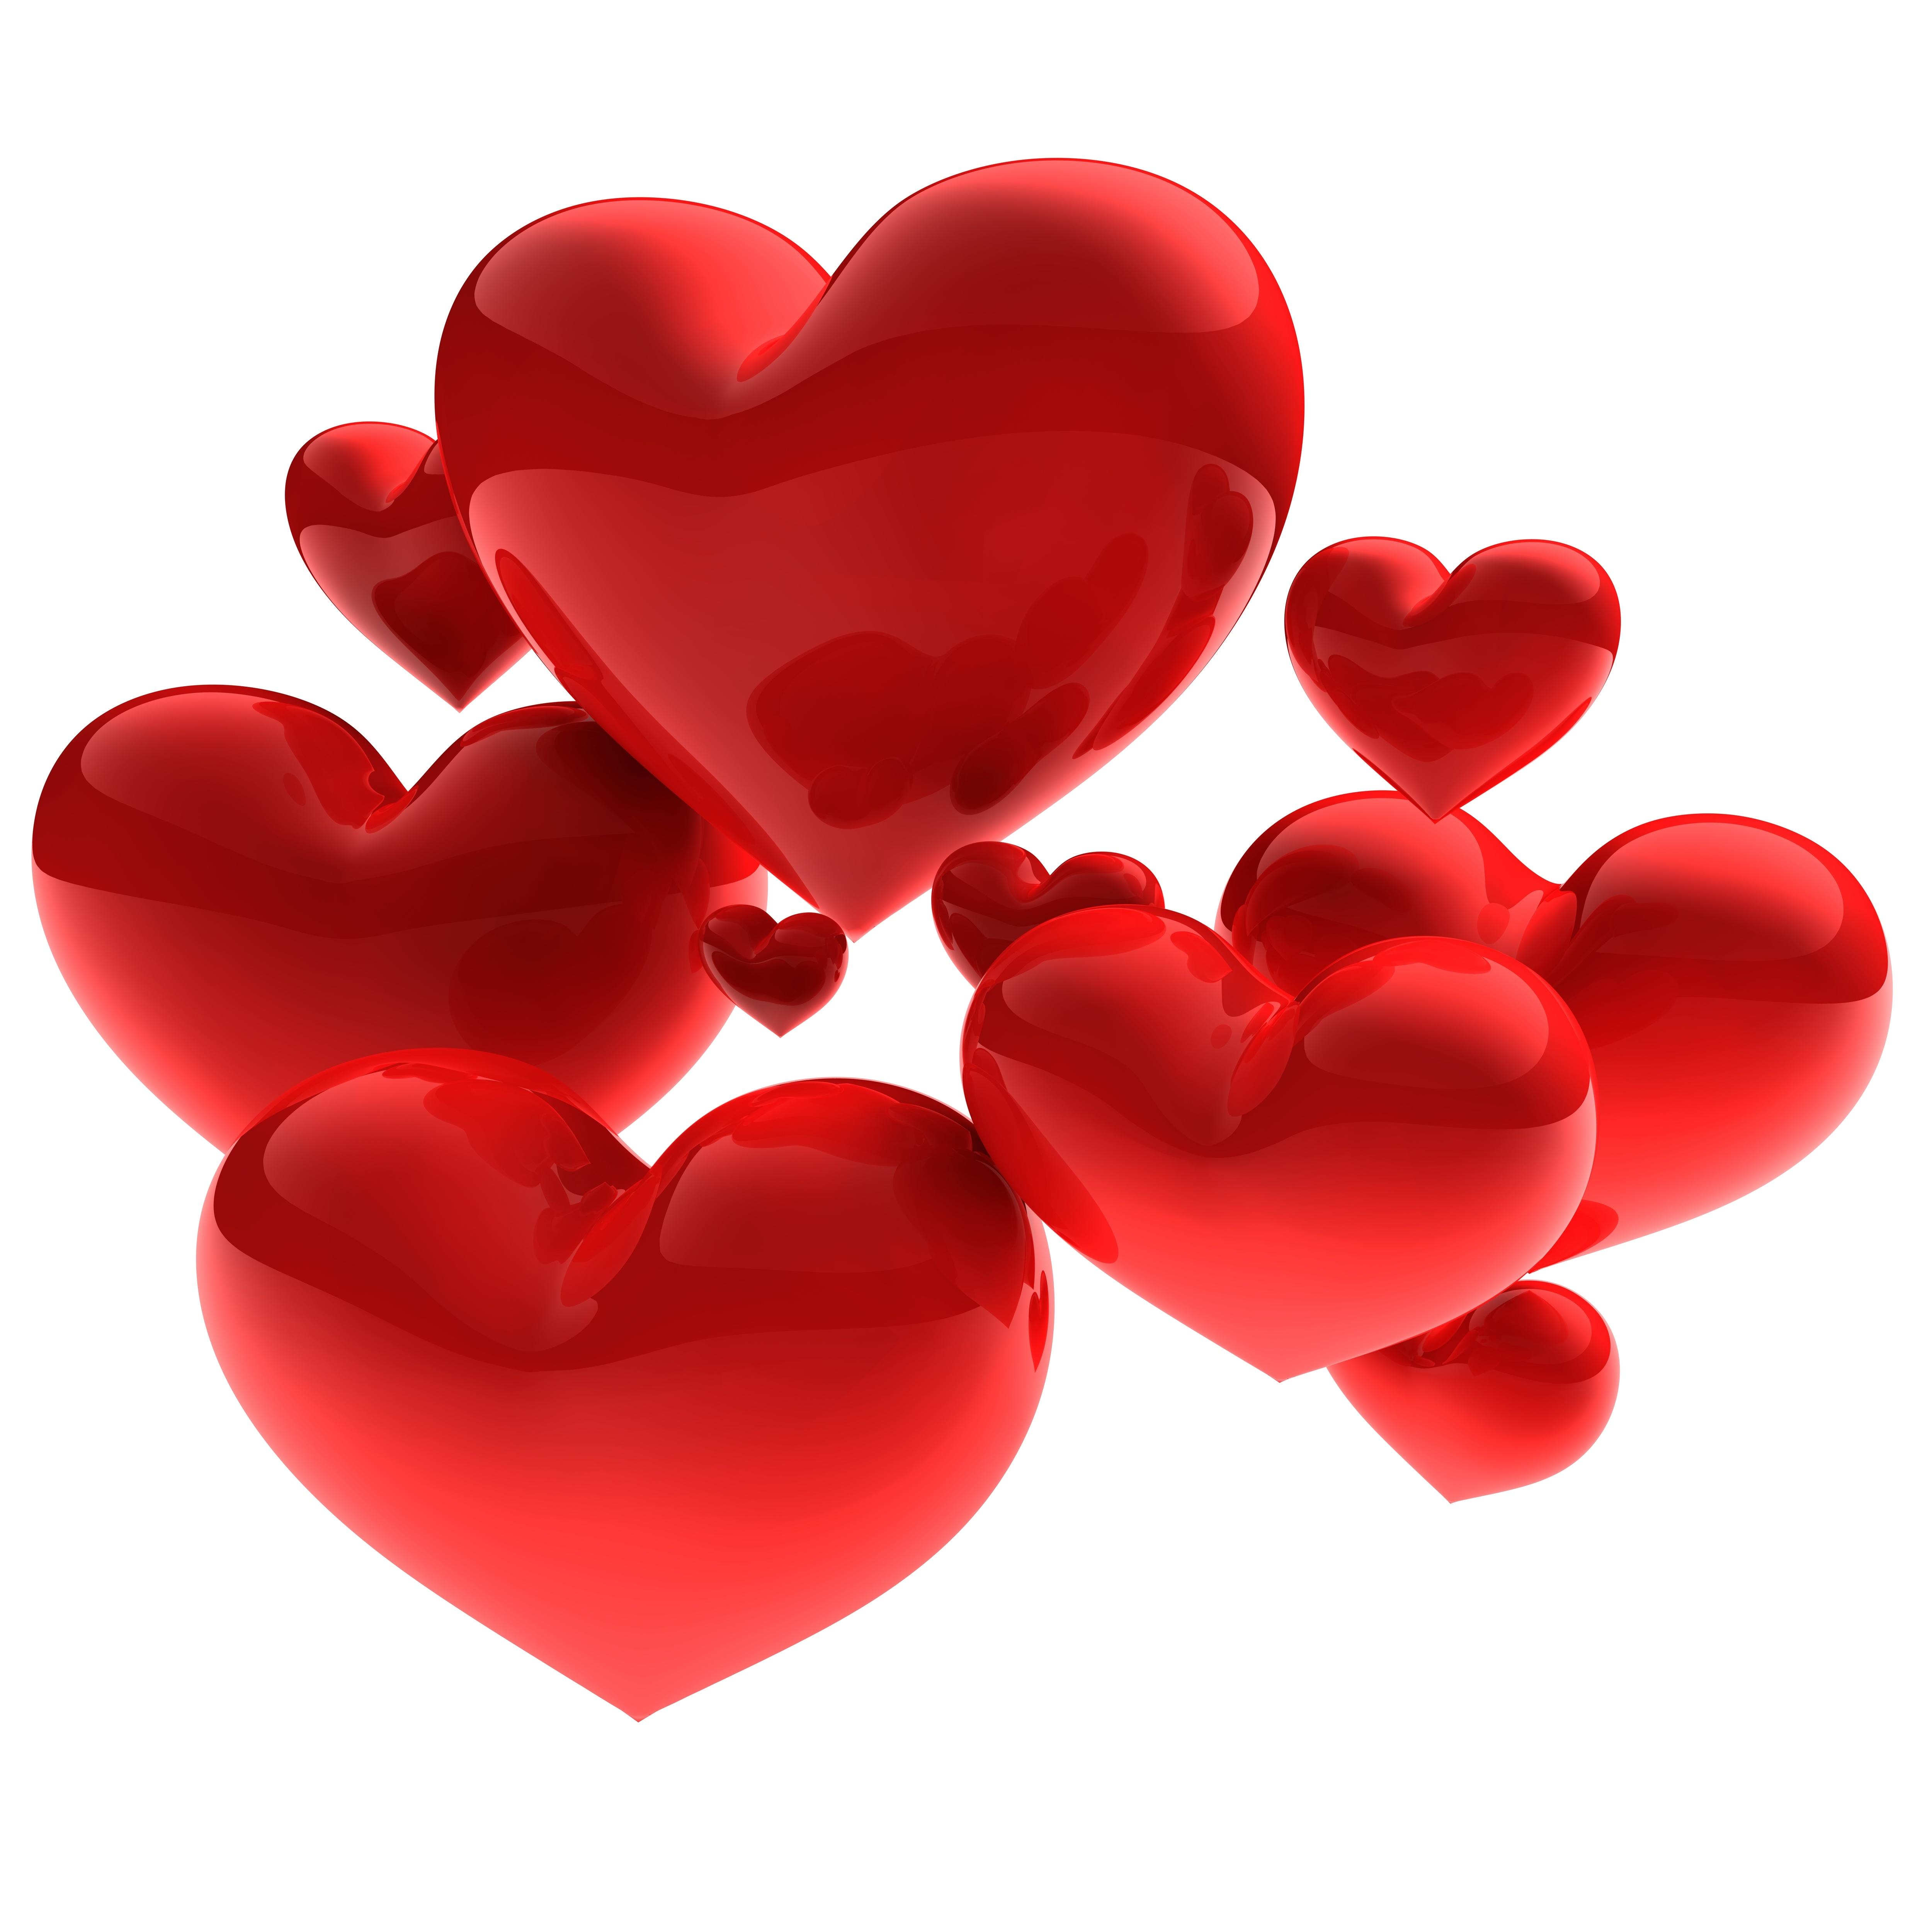 La pause douceur fait sa saint valentin delta fm - Coeurs amoureux ...